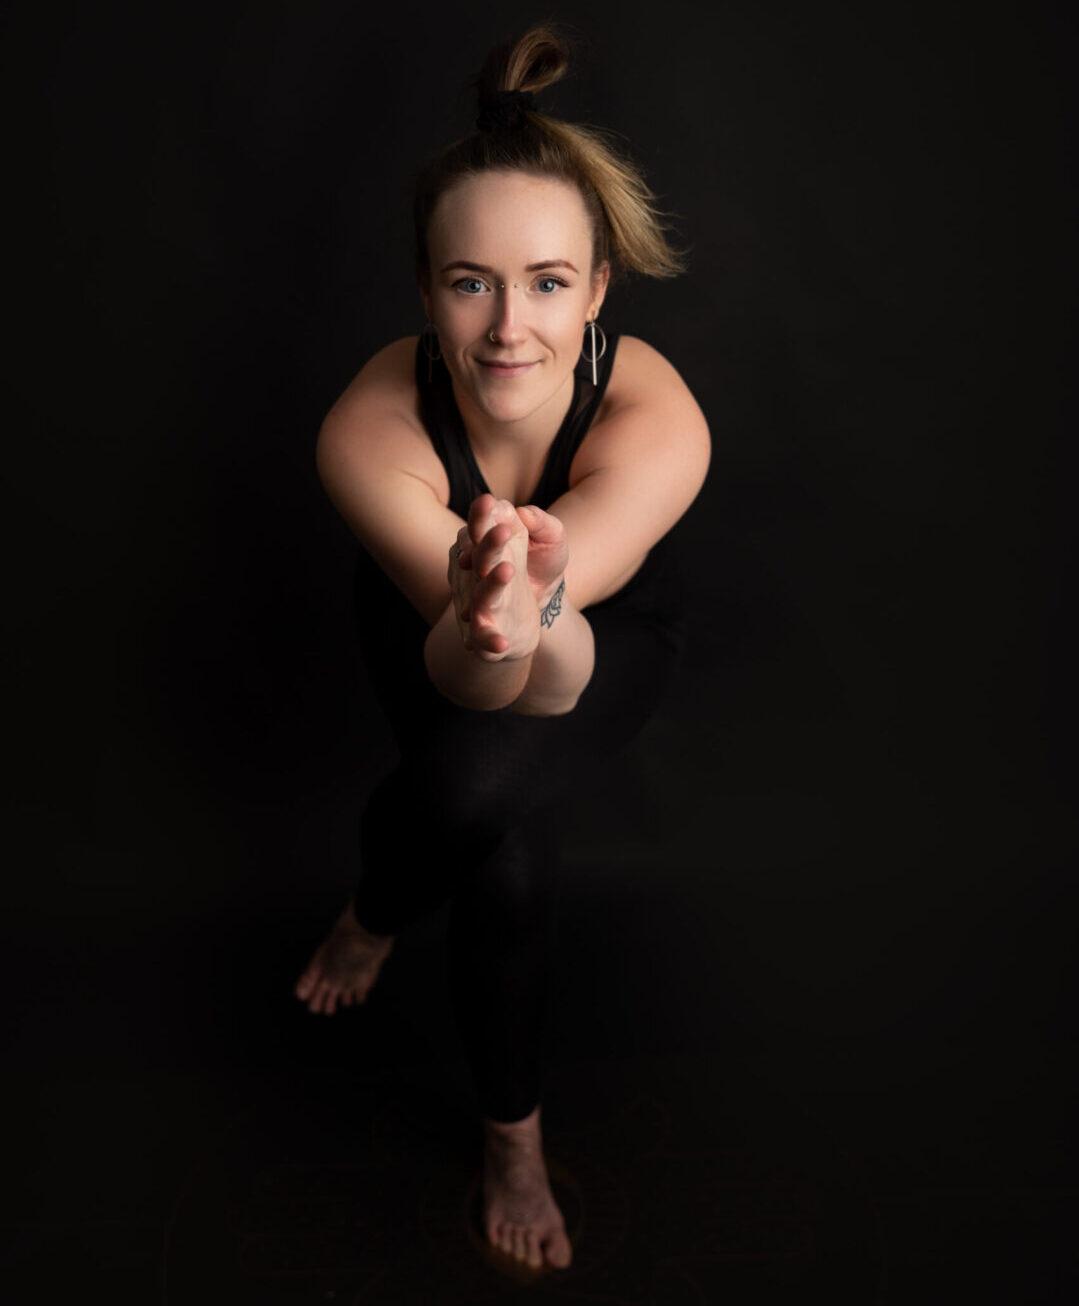 Na ciemnym tle uśmiechnięta kobieta w jednej z figur jogi.